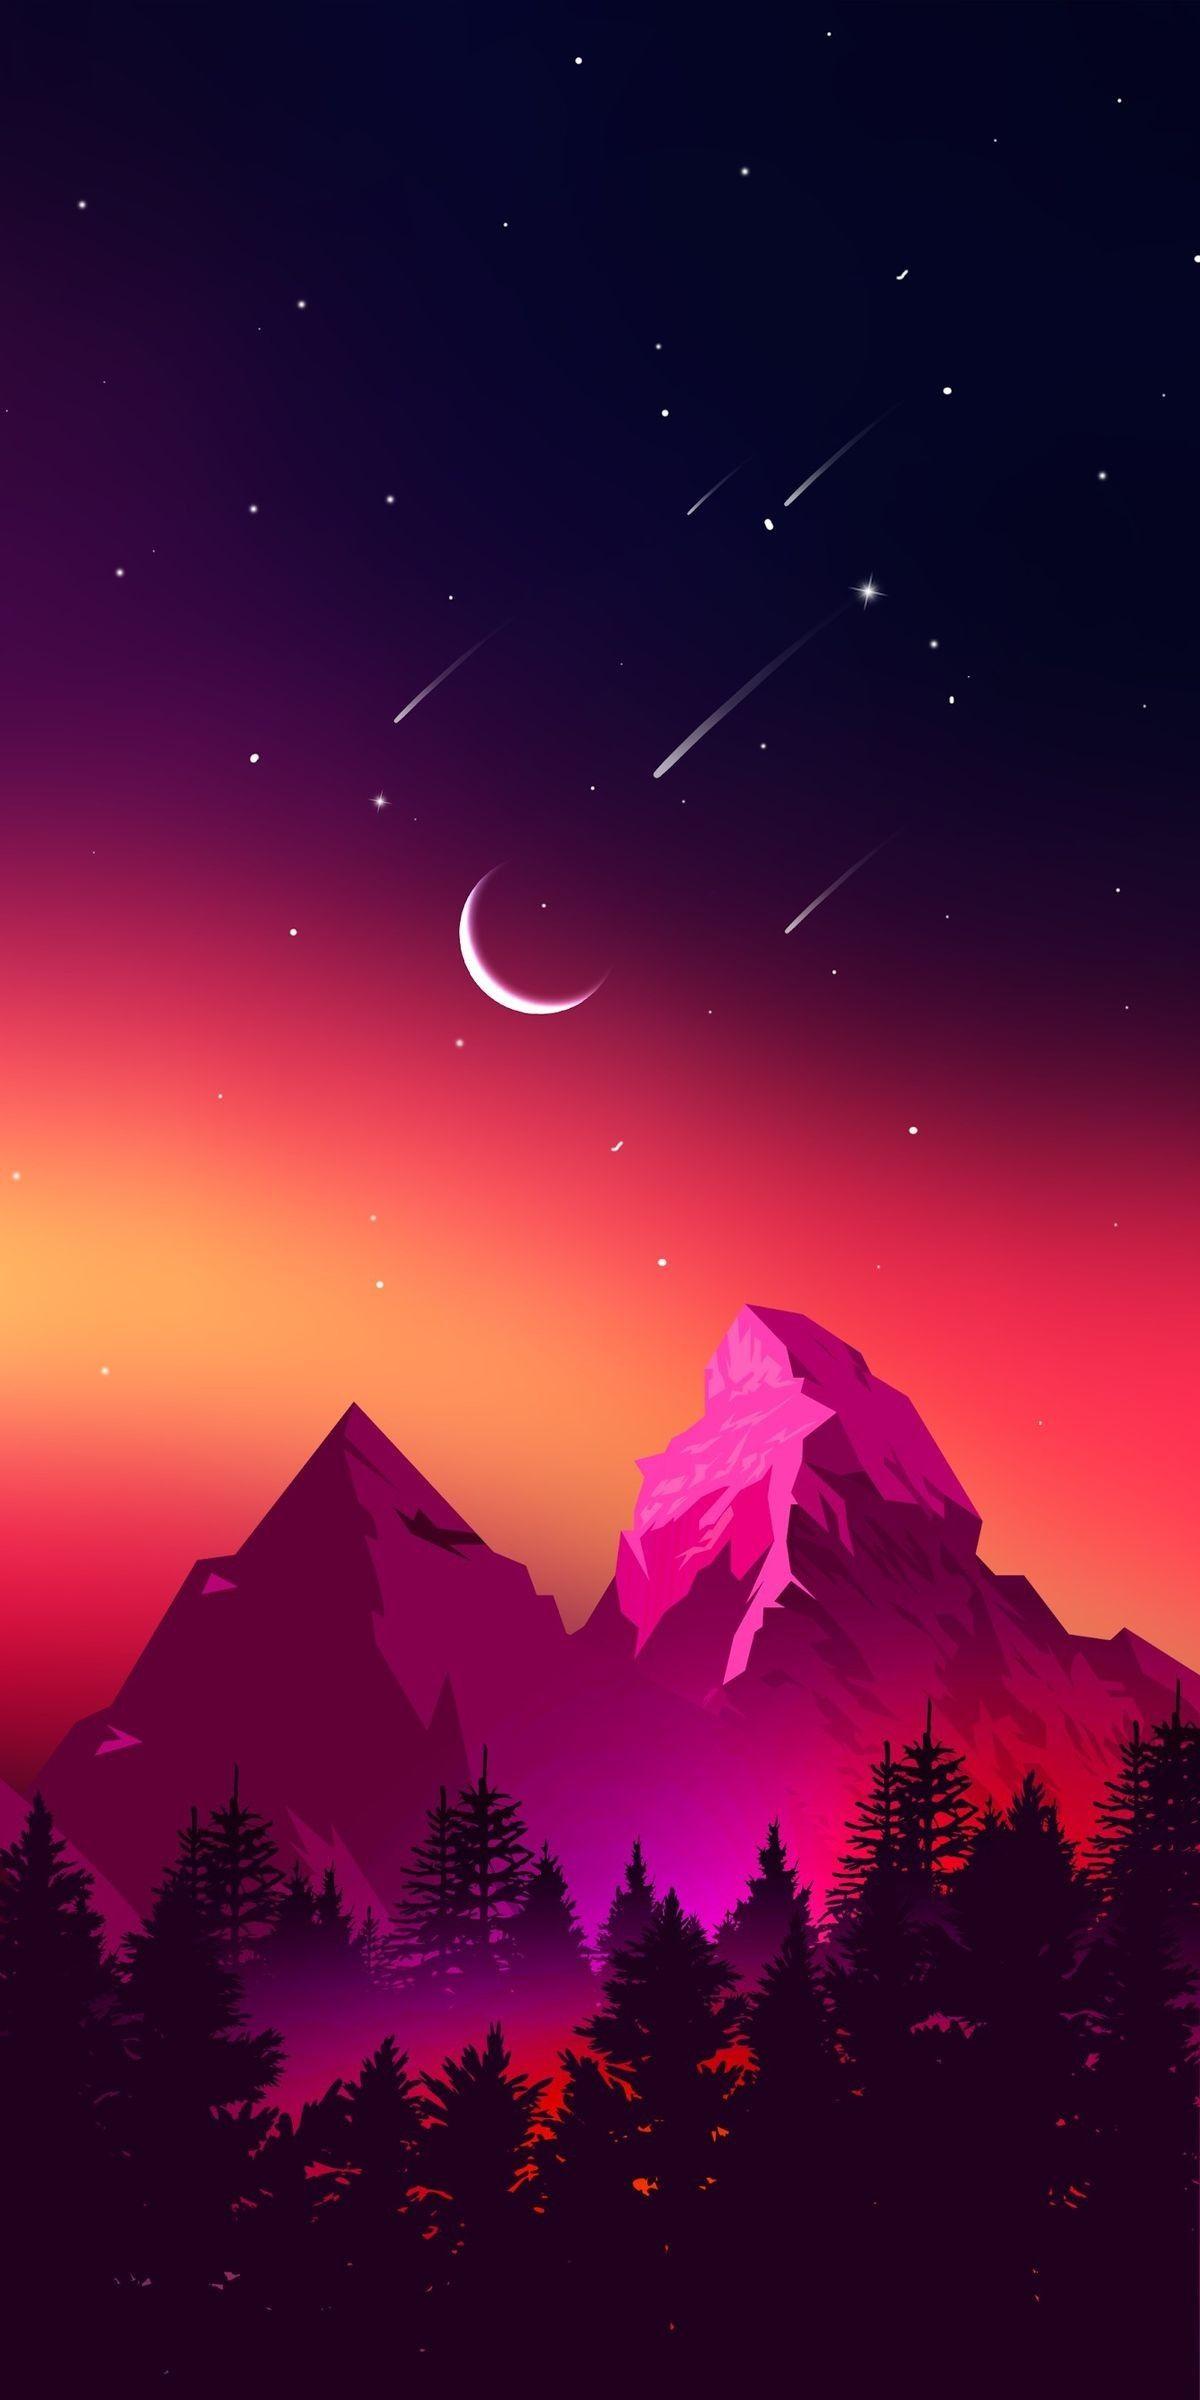 Iphone Xr Wallpaper 4k Fall Pemandangan abstrak, Galaxy